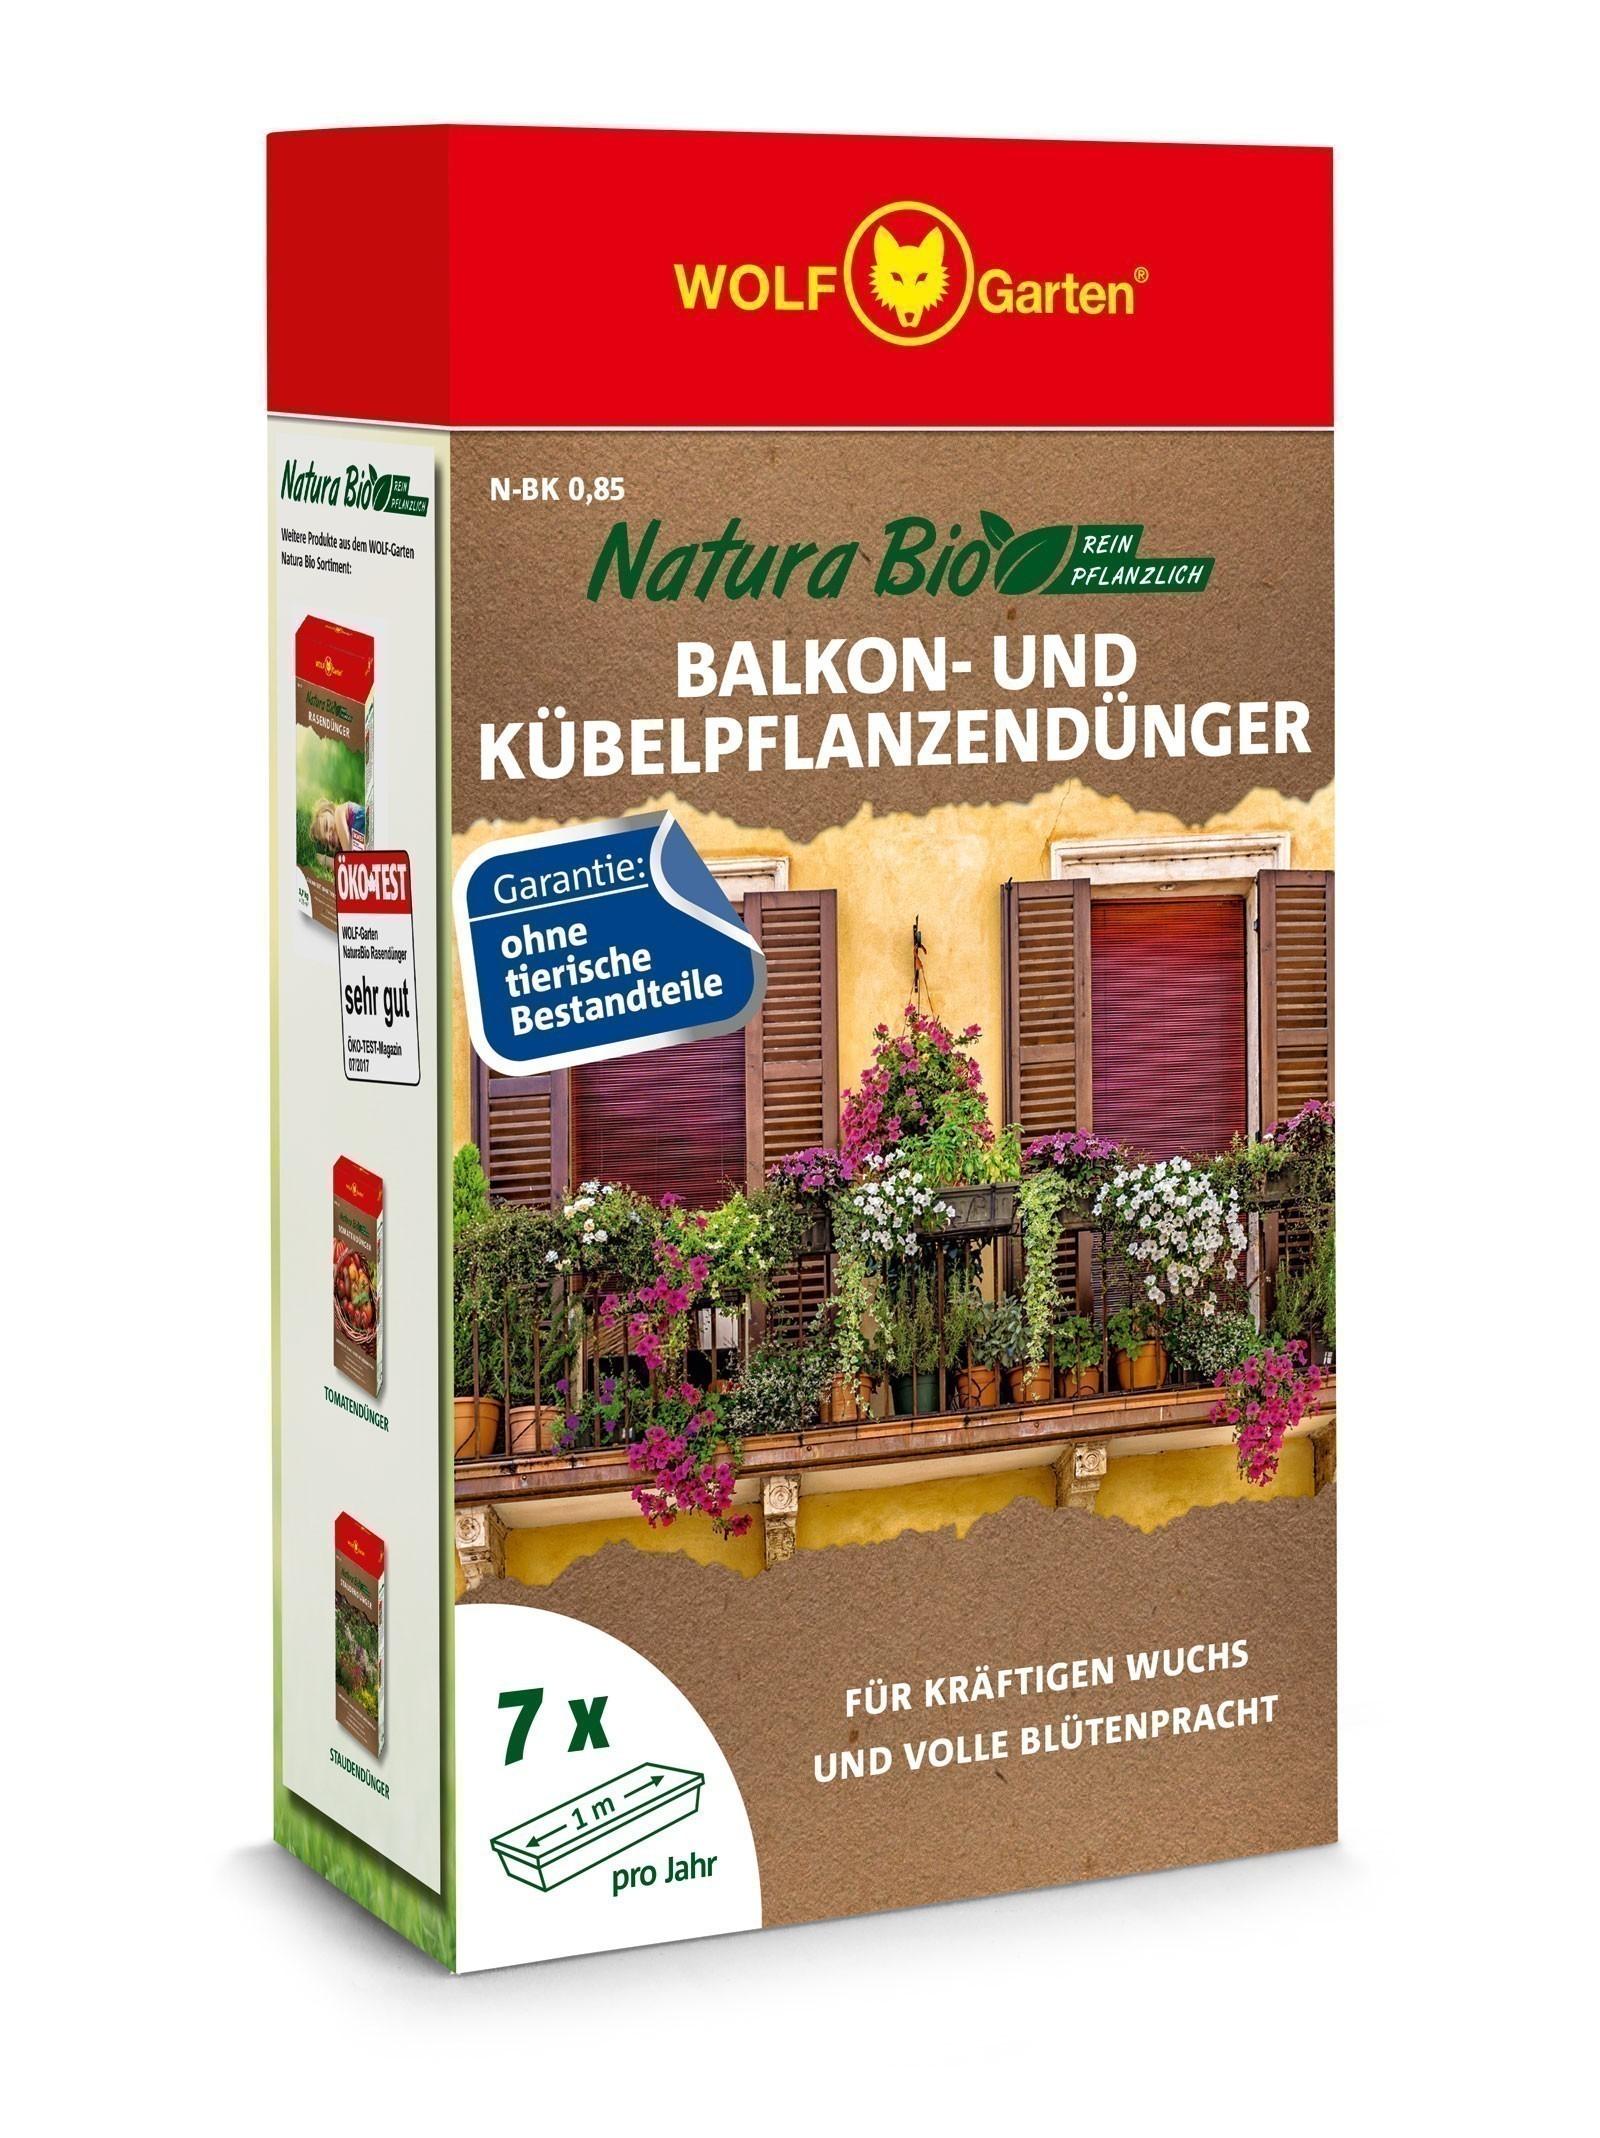 Wolf Garten Natura Bio Balkonkastendünger N-BK 0,85 Bild 1